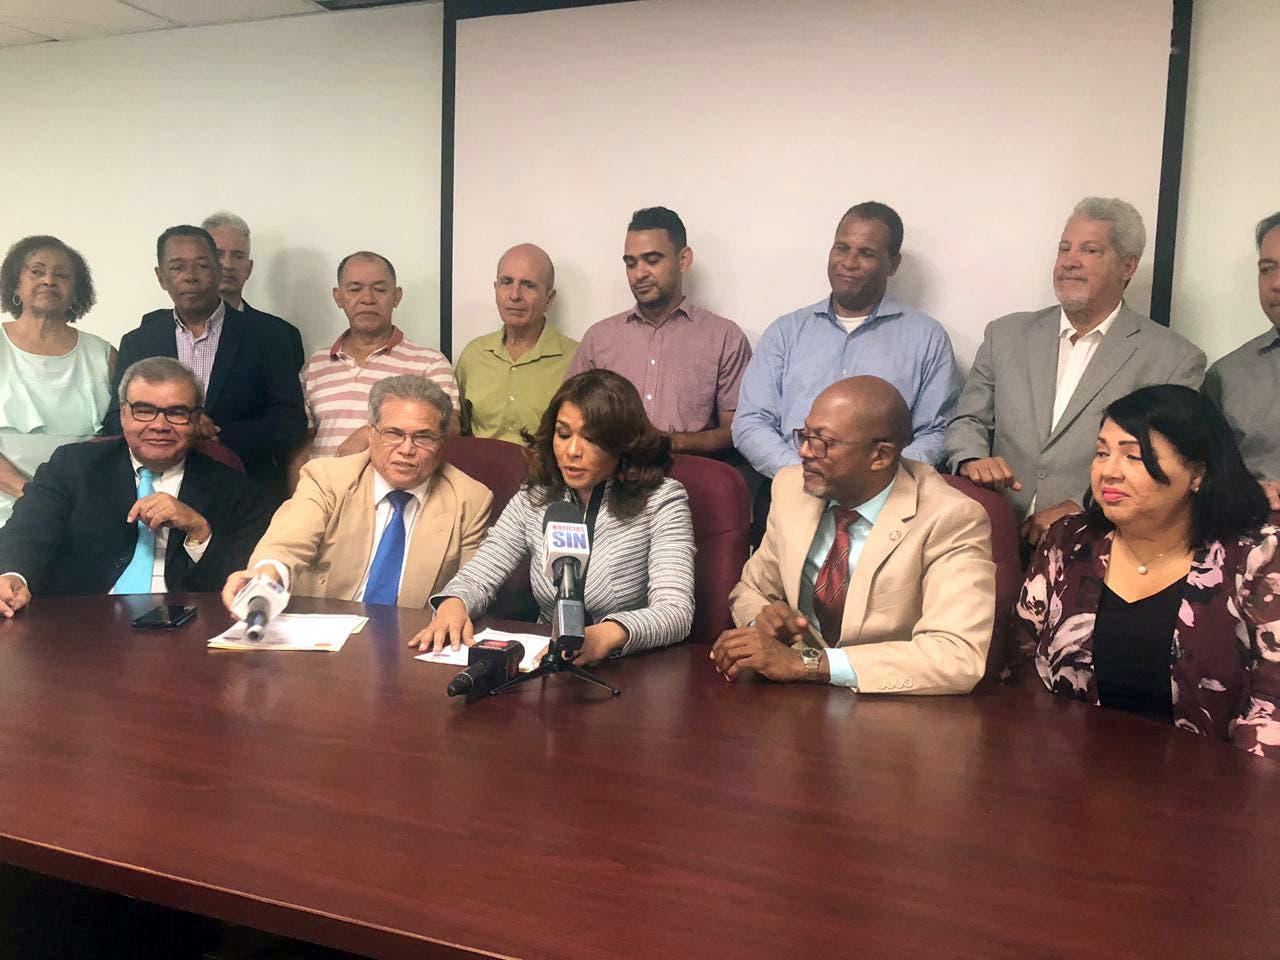 Grupos CMD enfrentados; ven presidente traidor y gobiernista